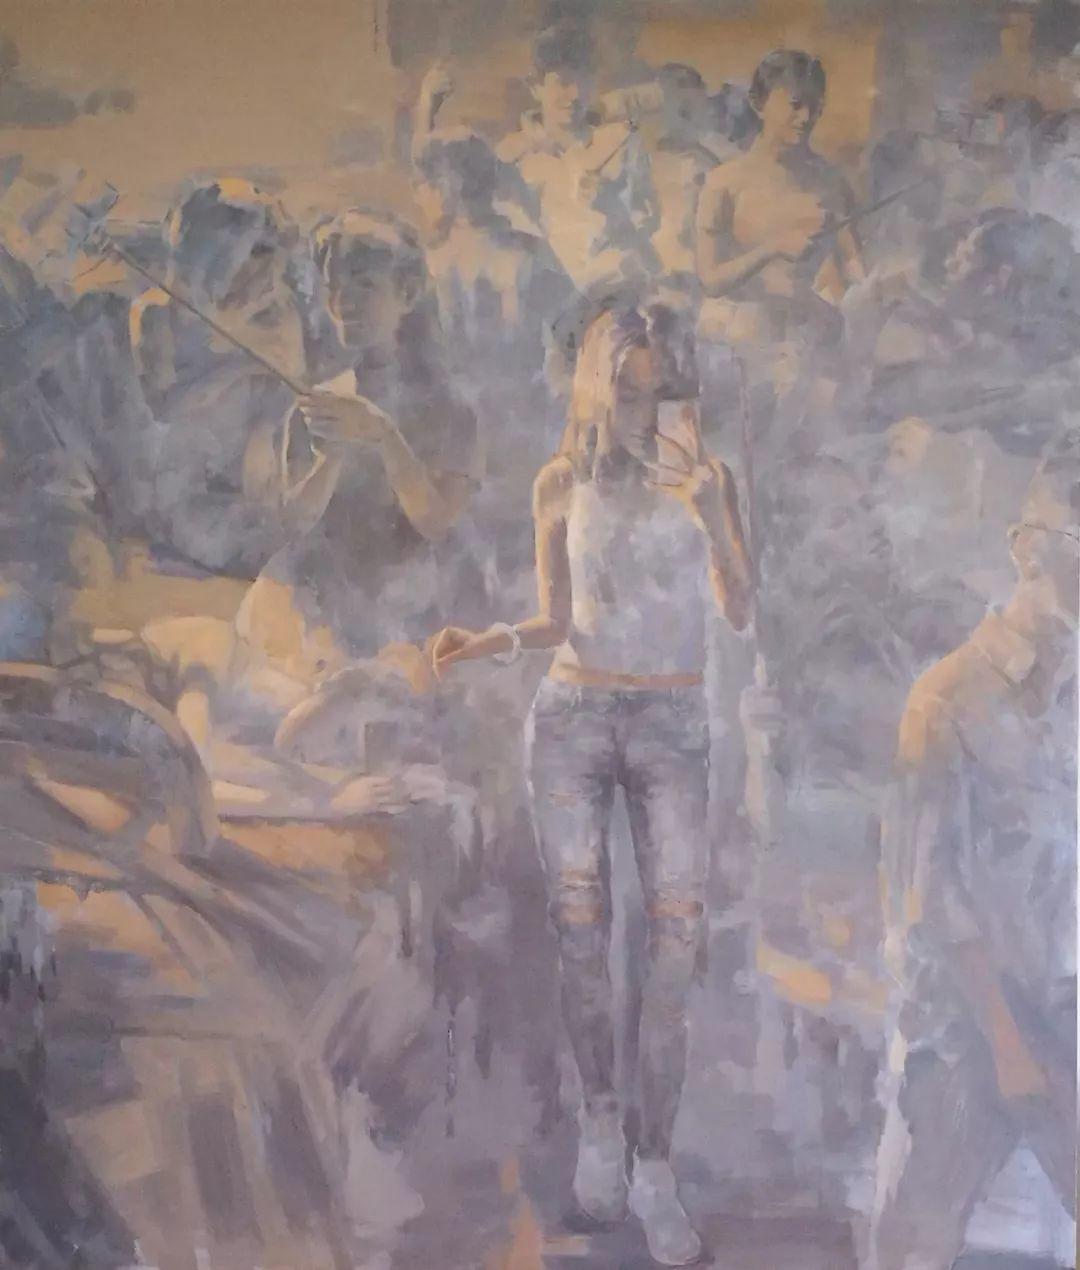 山水画般的诗意——张洪油画作品欣赏插图9